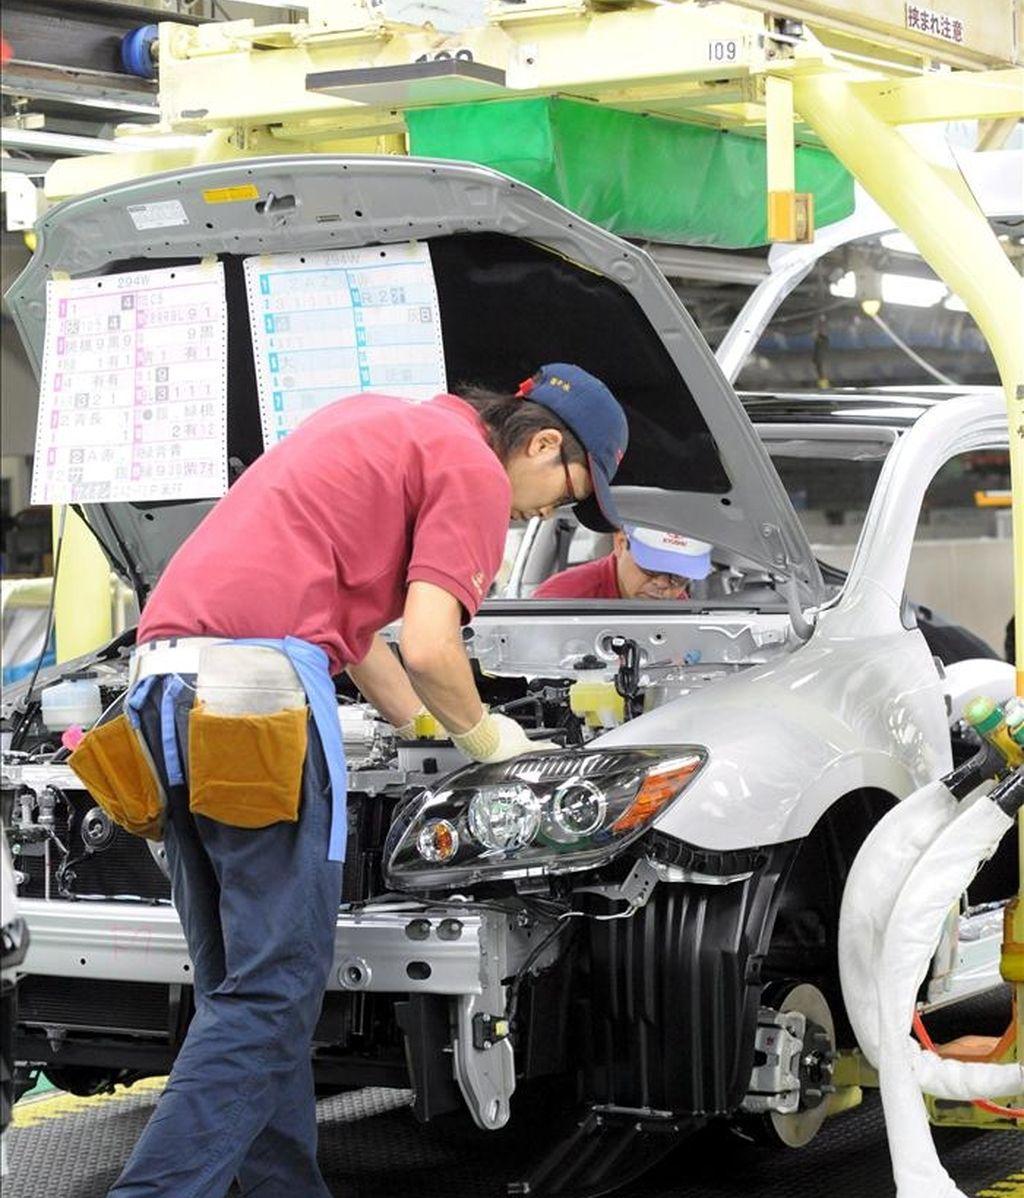 """Un operario trabaja en el coche de tercera generación """"Prius"""" en la fábrica de Toyota Motor Corp. de Tsutsumi en la ciudad de Toyota, Japón. EFE/Archivo"""